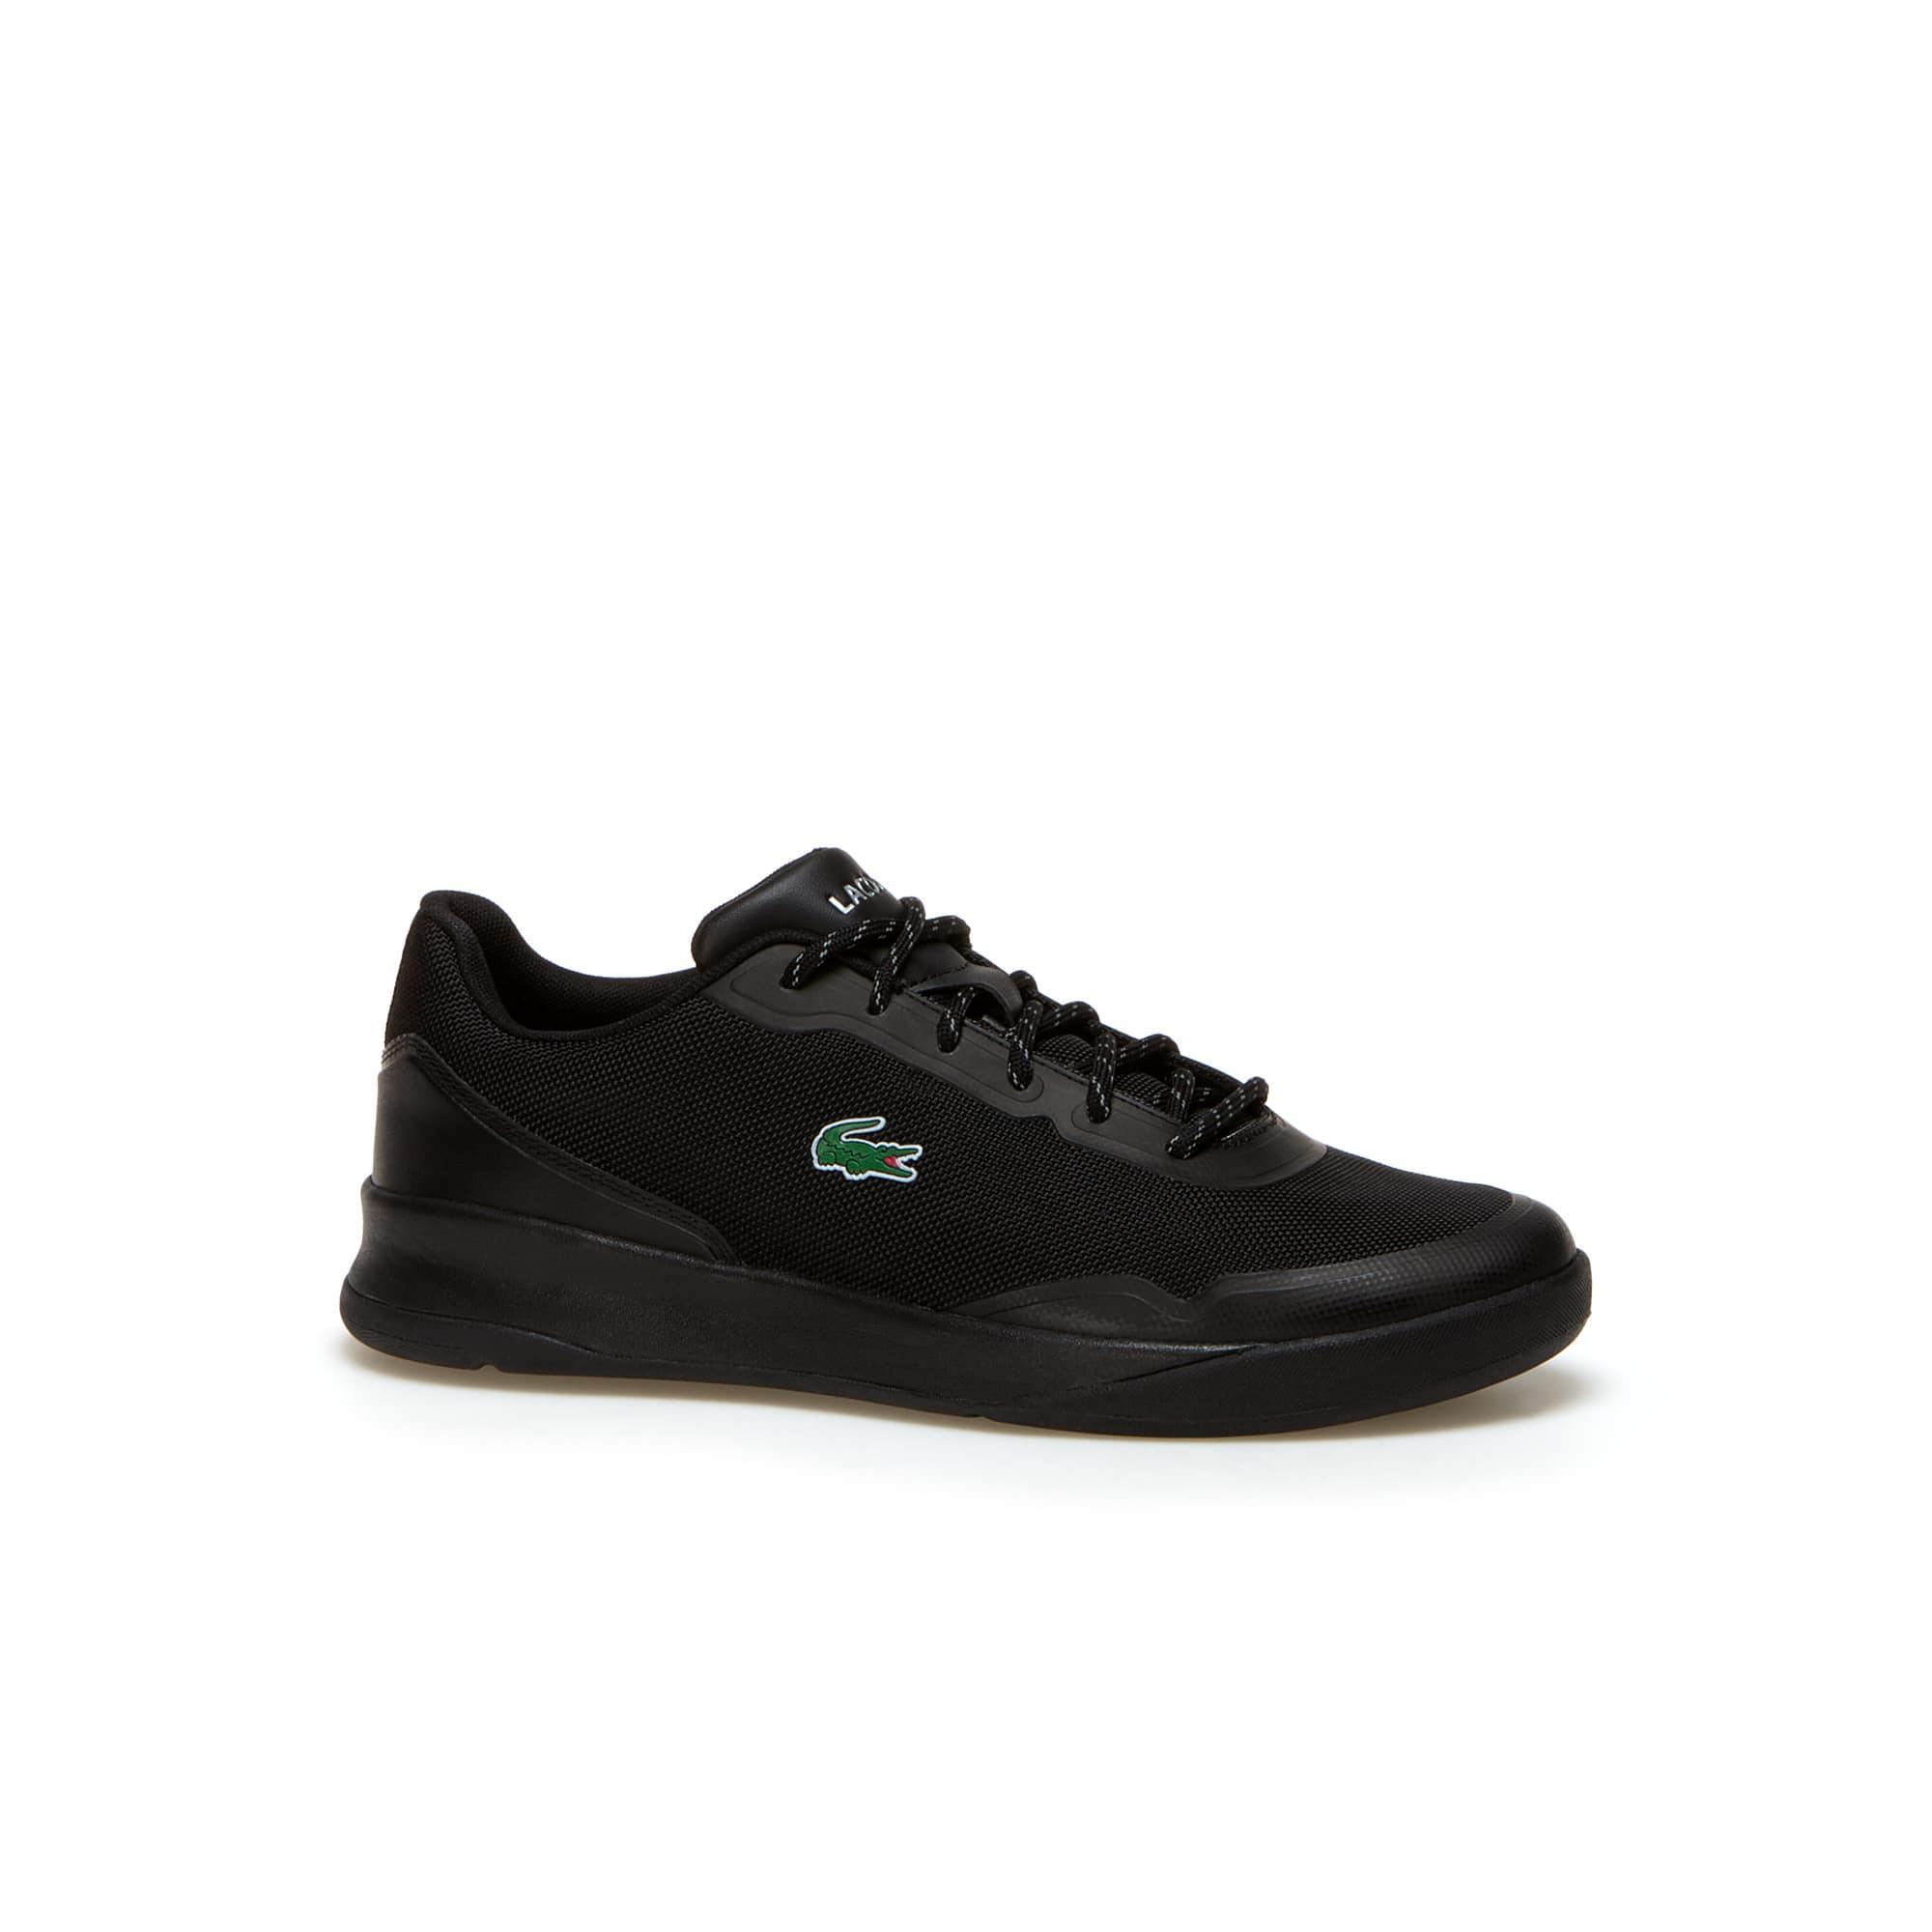 Herren-Sneakers LT SPIRIT aus Piqué-Canvas